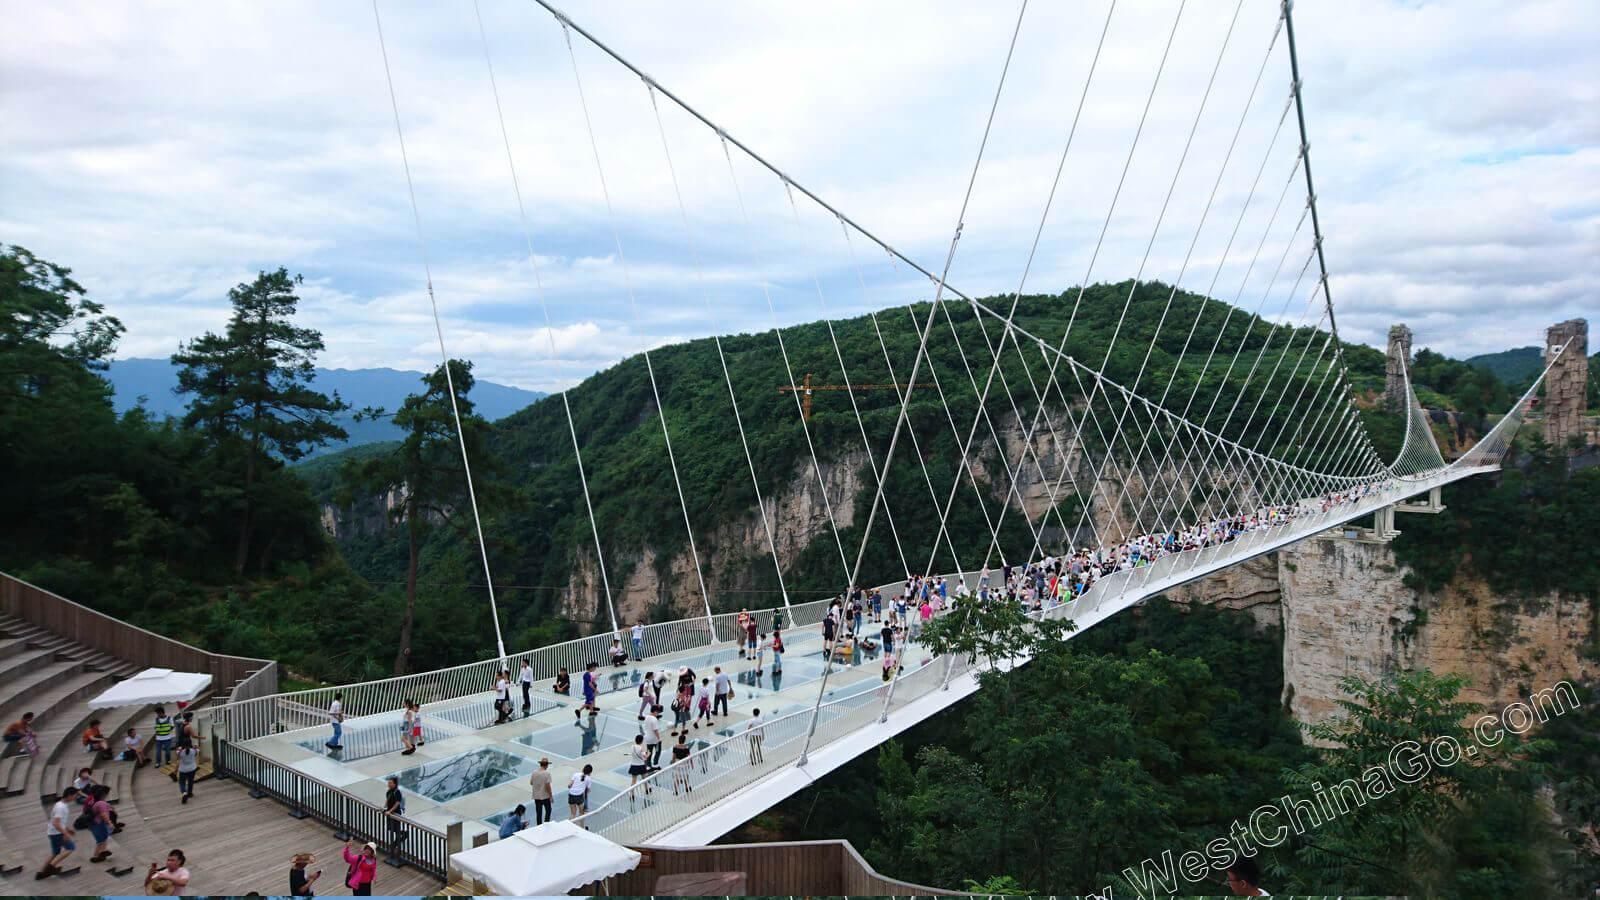 China Zhangjiajie Grand Canyon Glass Bridge